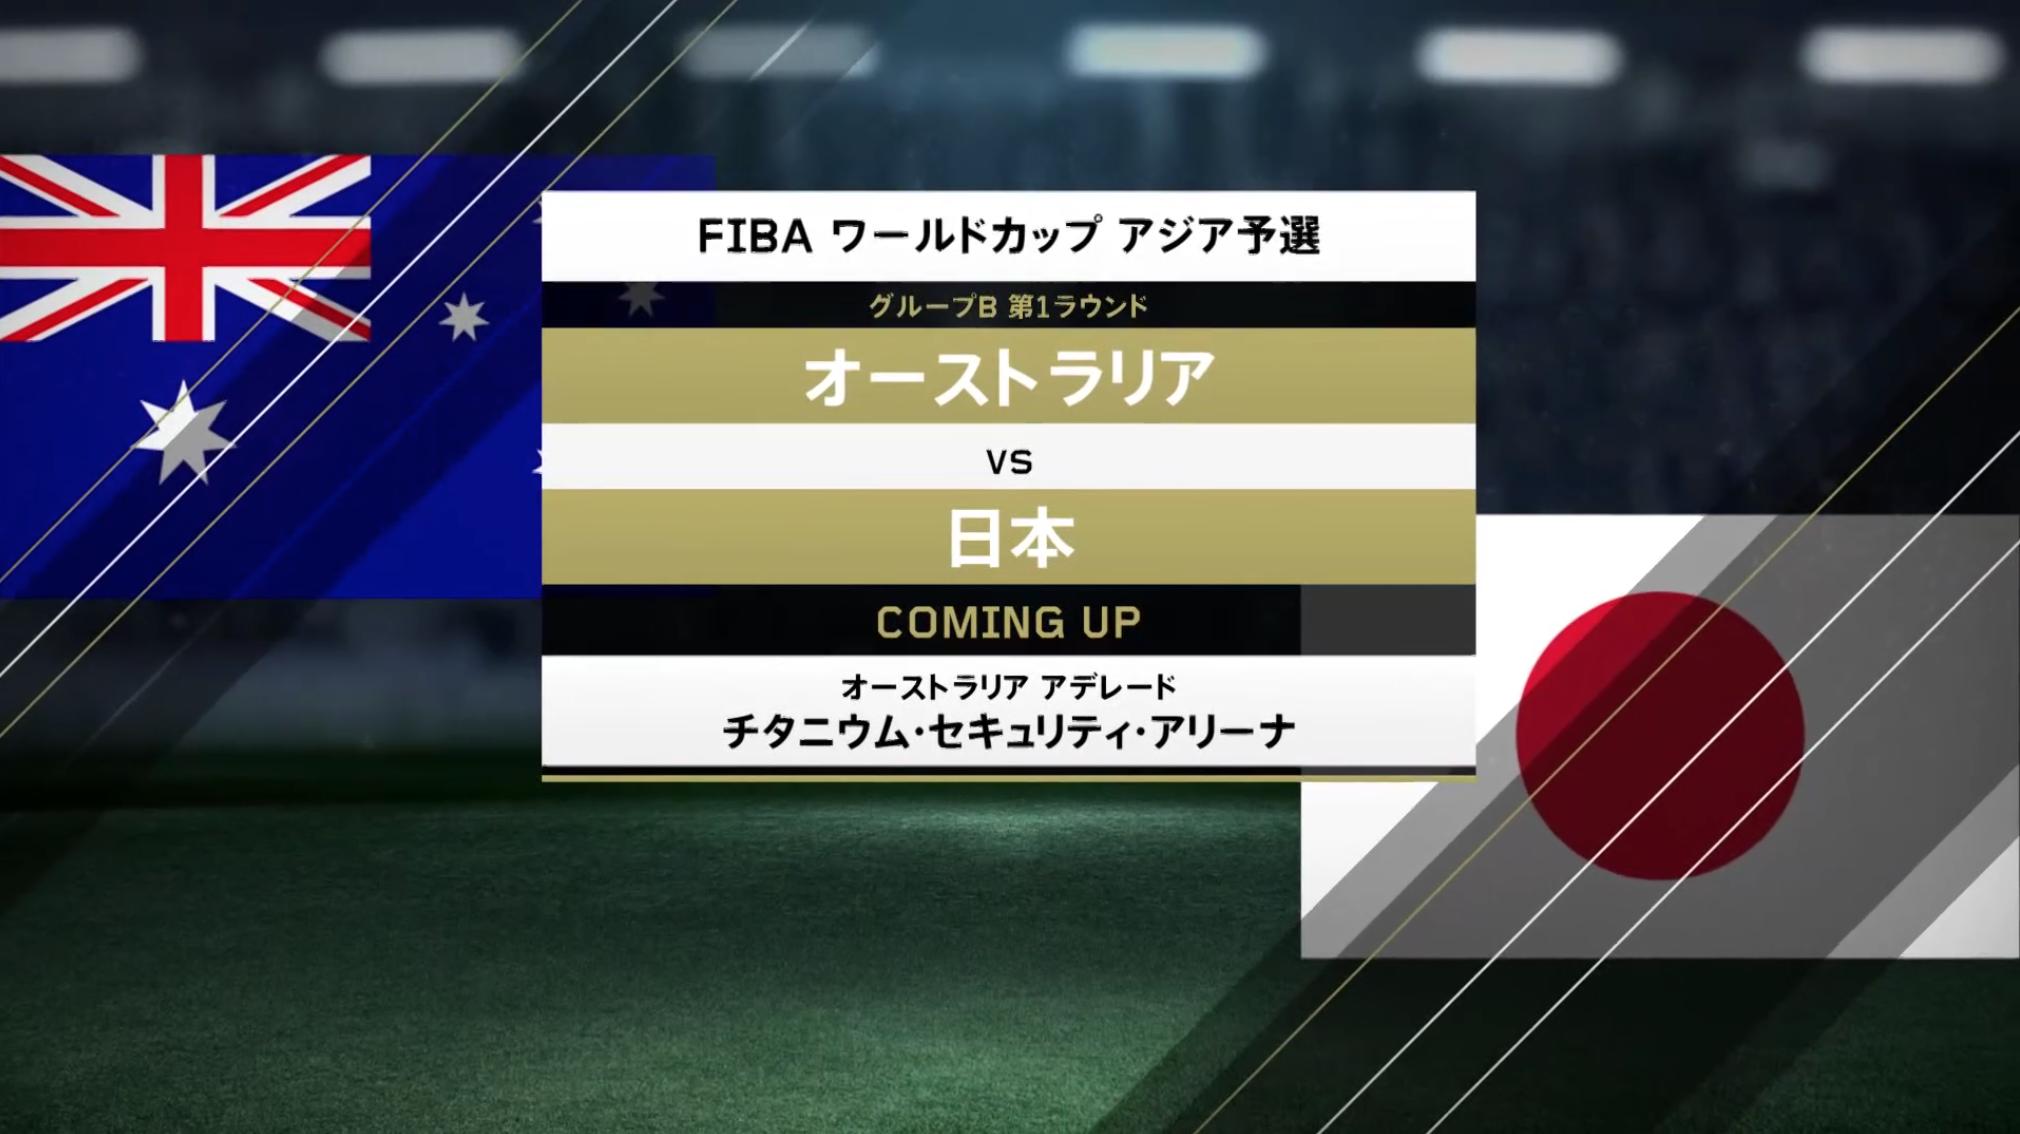 【代表】オーストラリア vs 日本(W杯 アジア地区 1次予選)